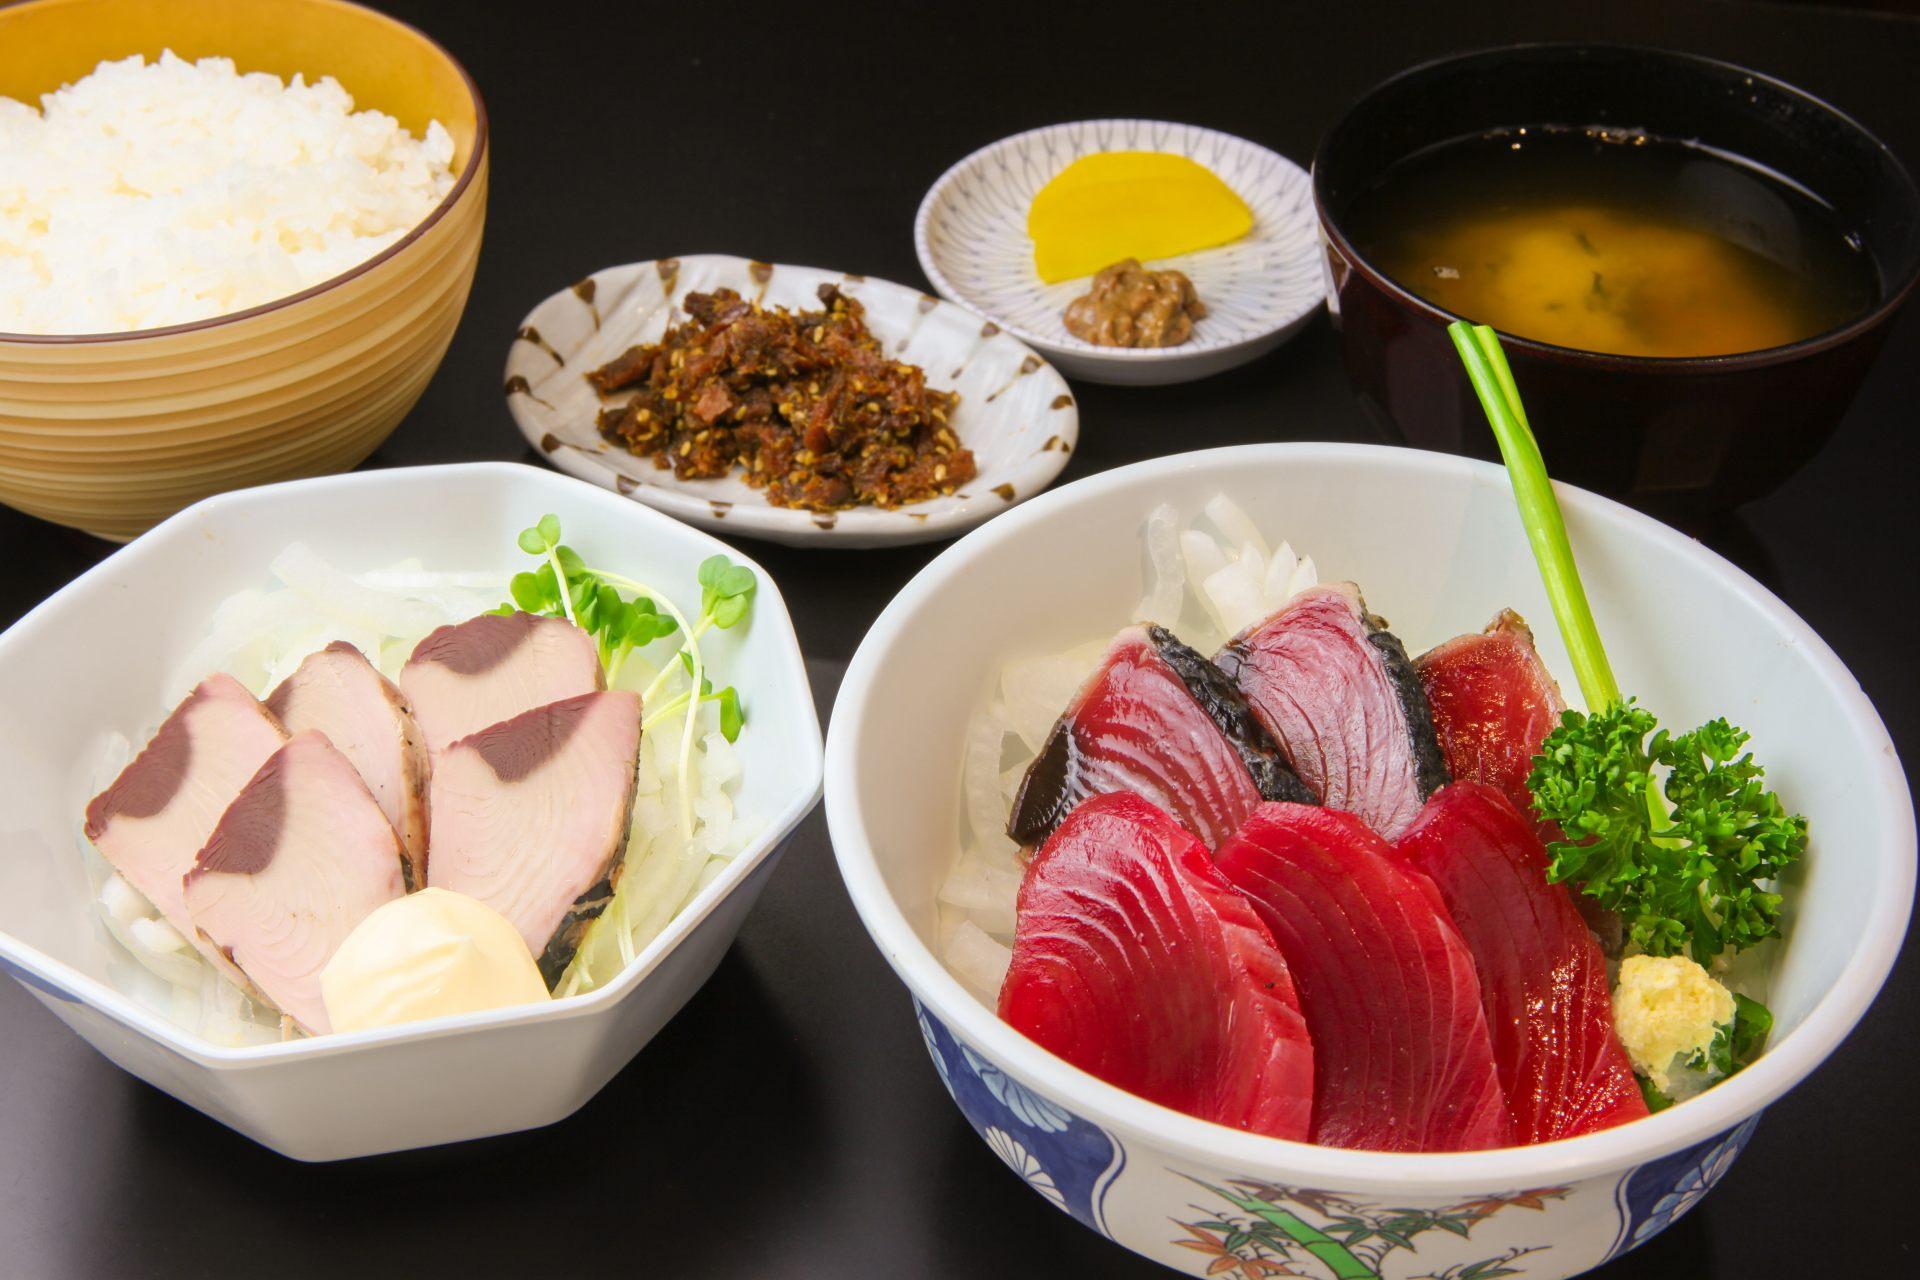 快來品嘗鮮魚、鮮貝料理吧!